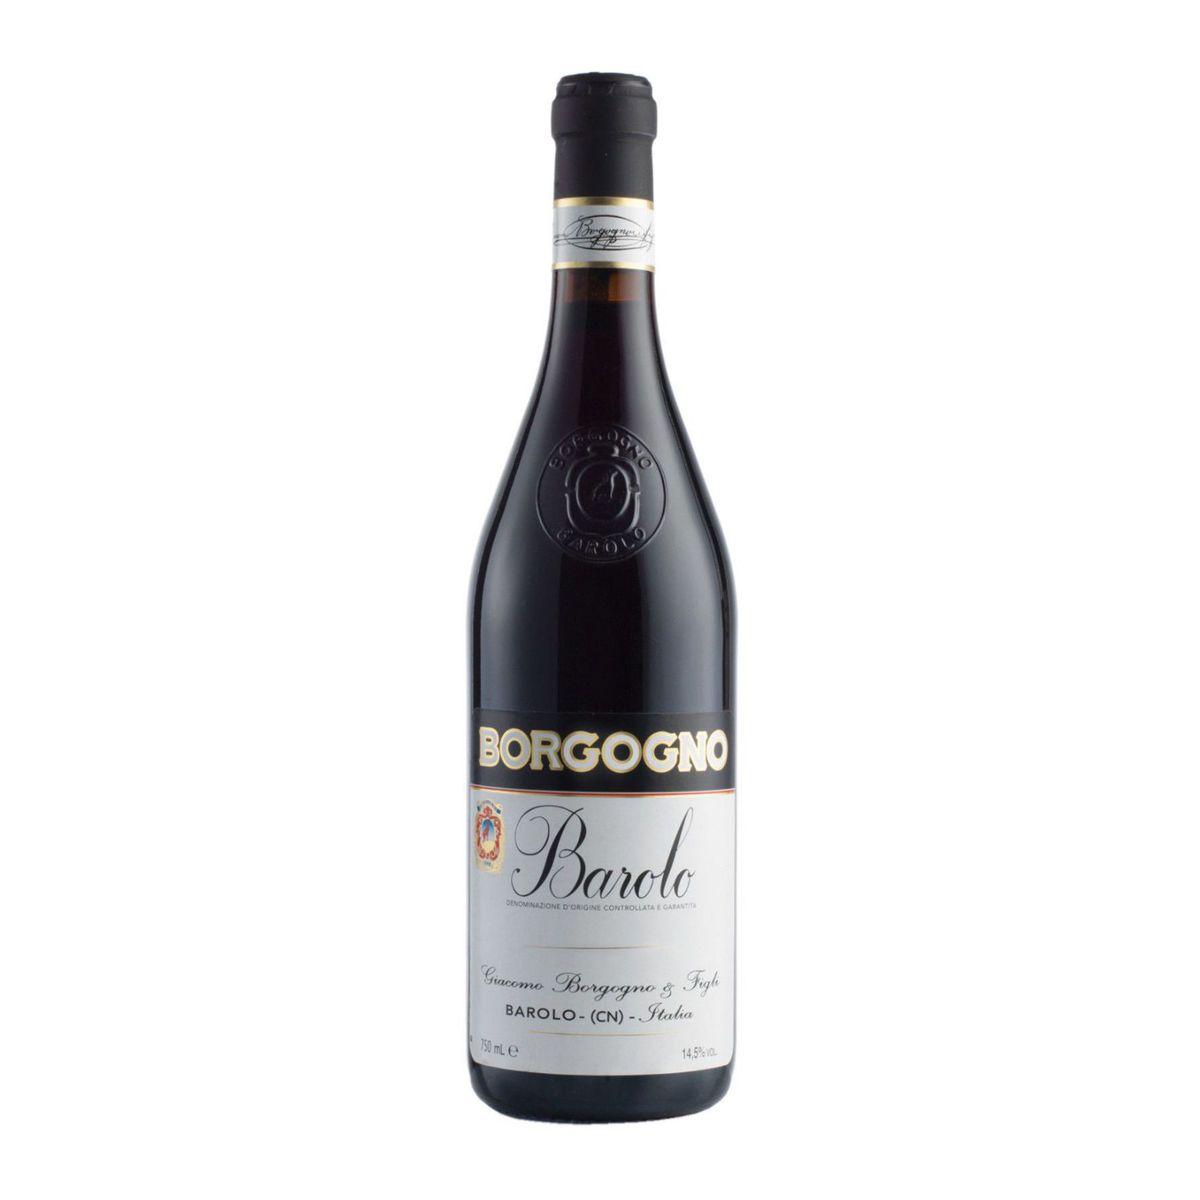 Barolo 2015 Borgogno